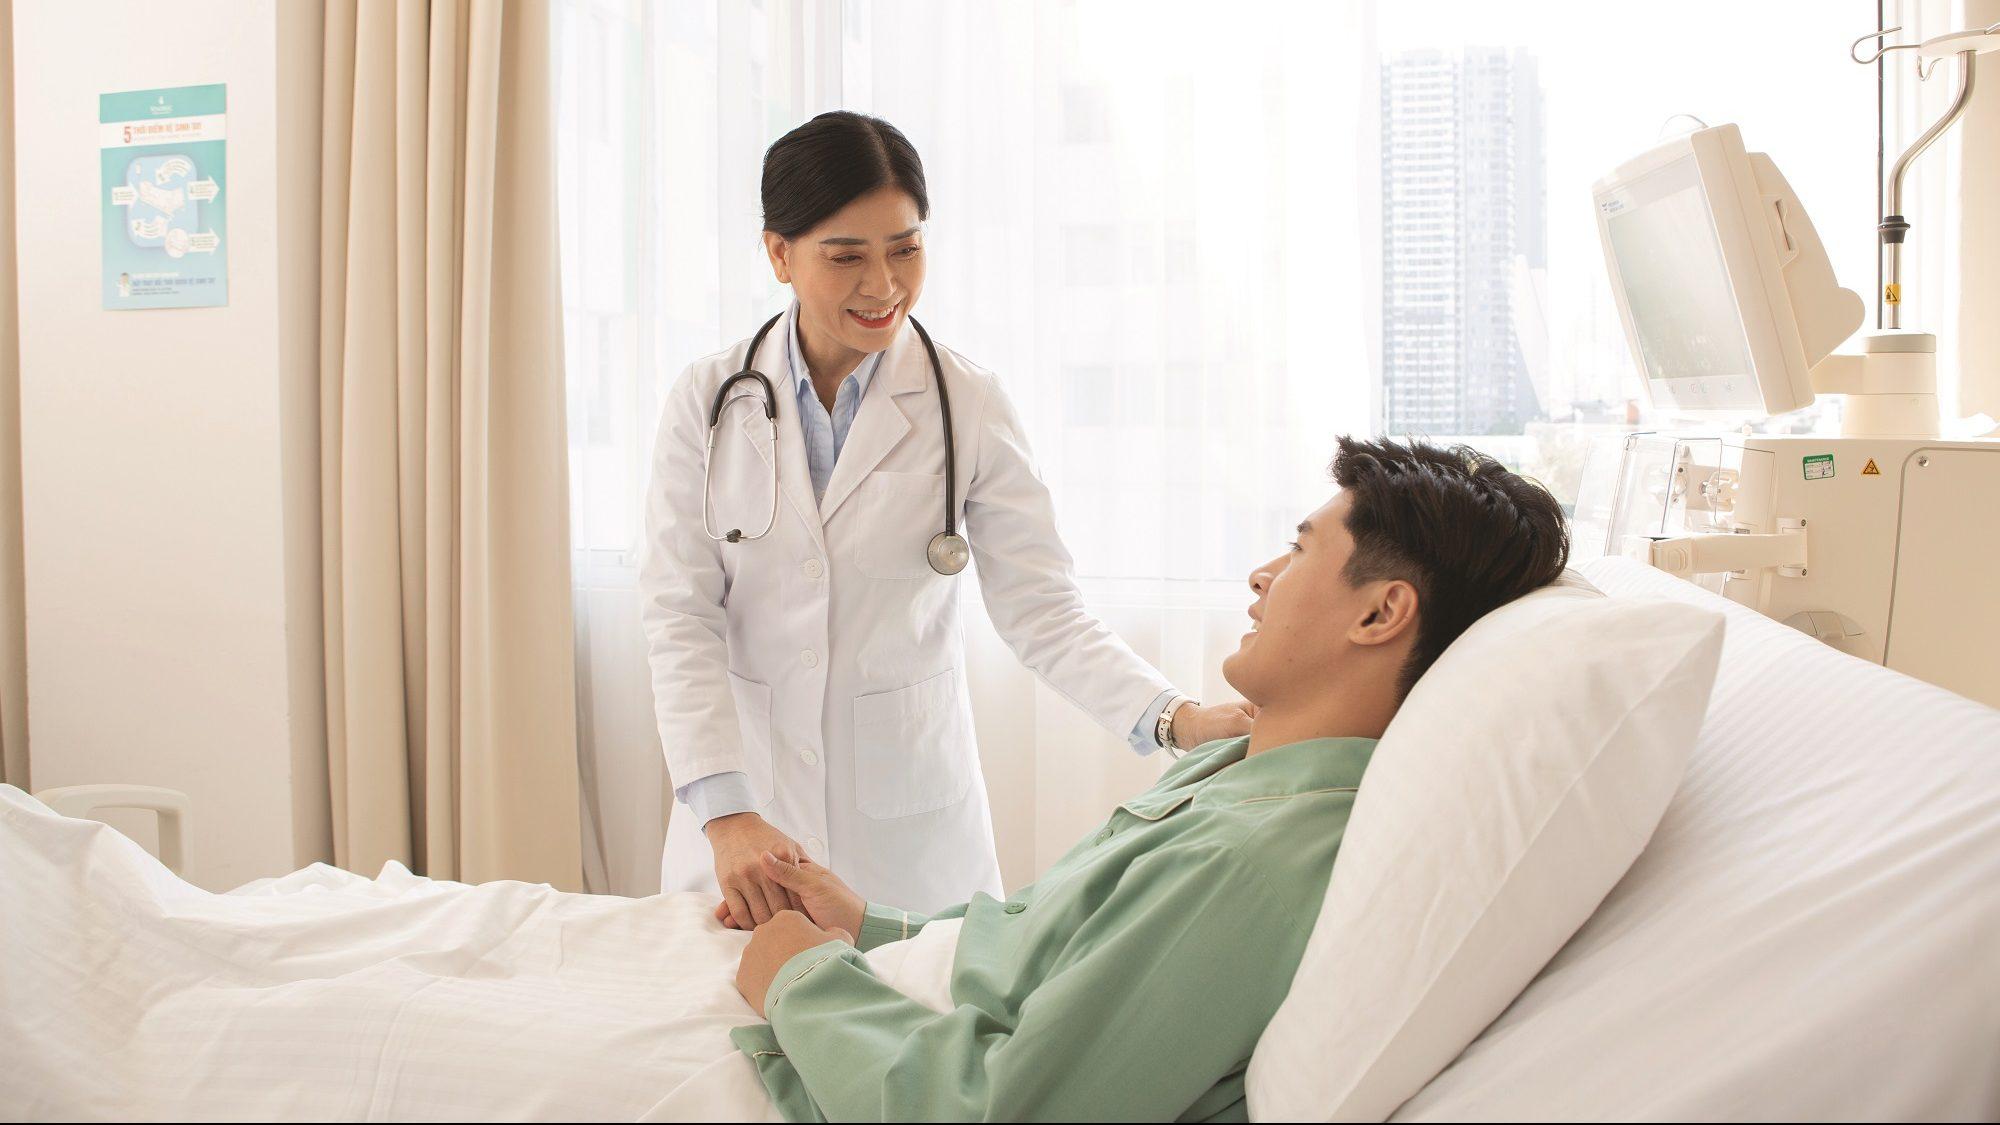 7 gói bảo hiểm khuyên các gia đình nên sử dụng để tránh được rủi ro trong cuộc sống - Ảnh 8.